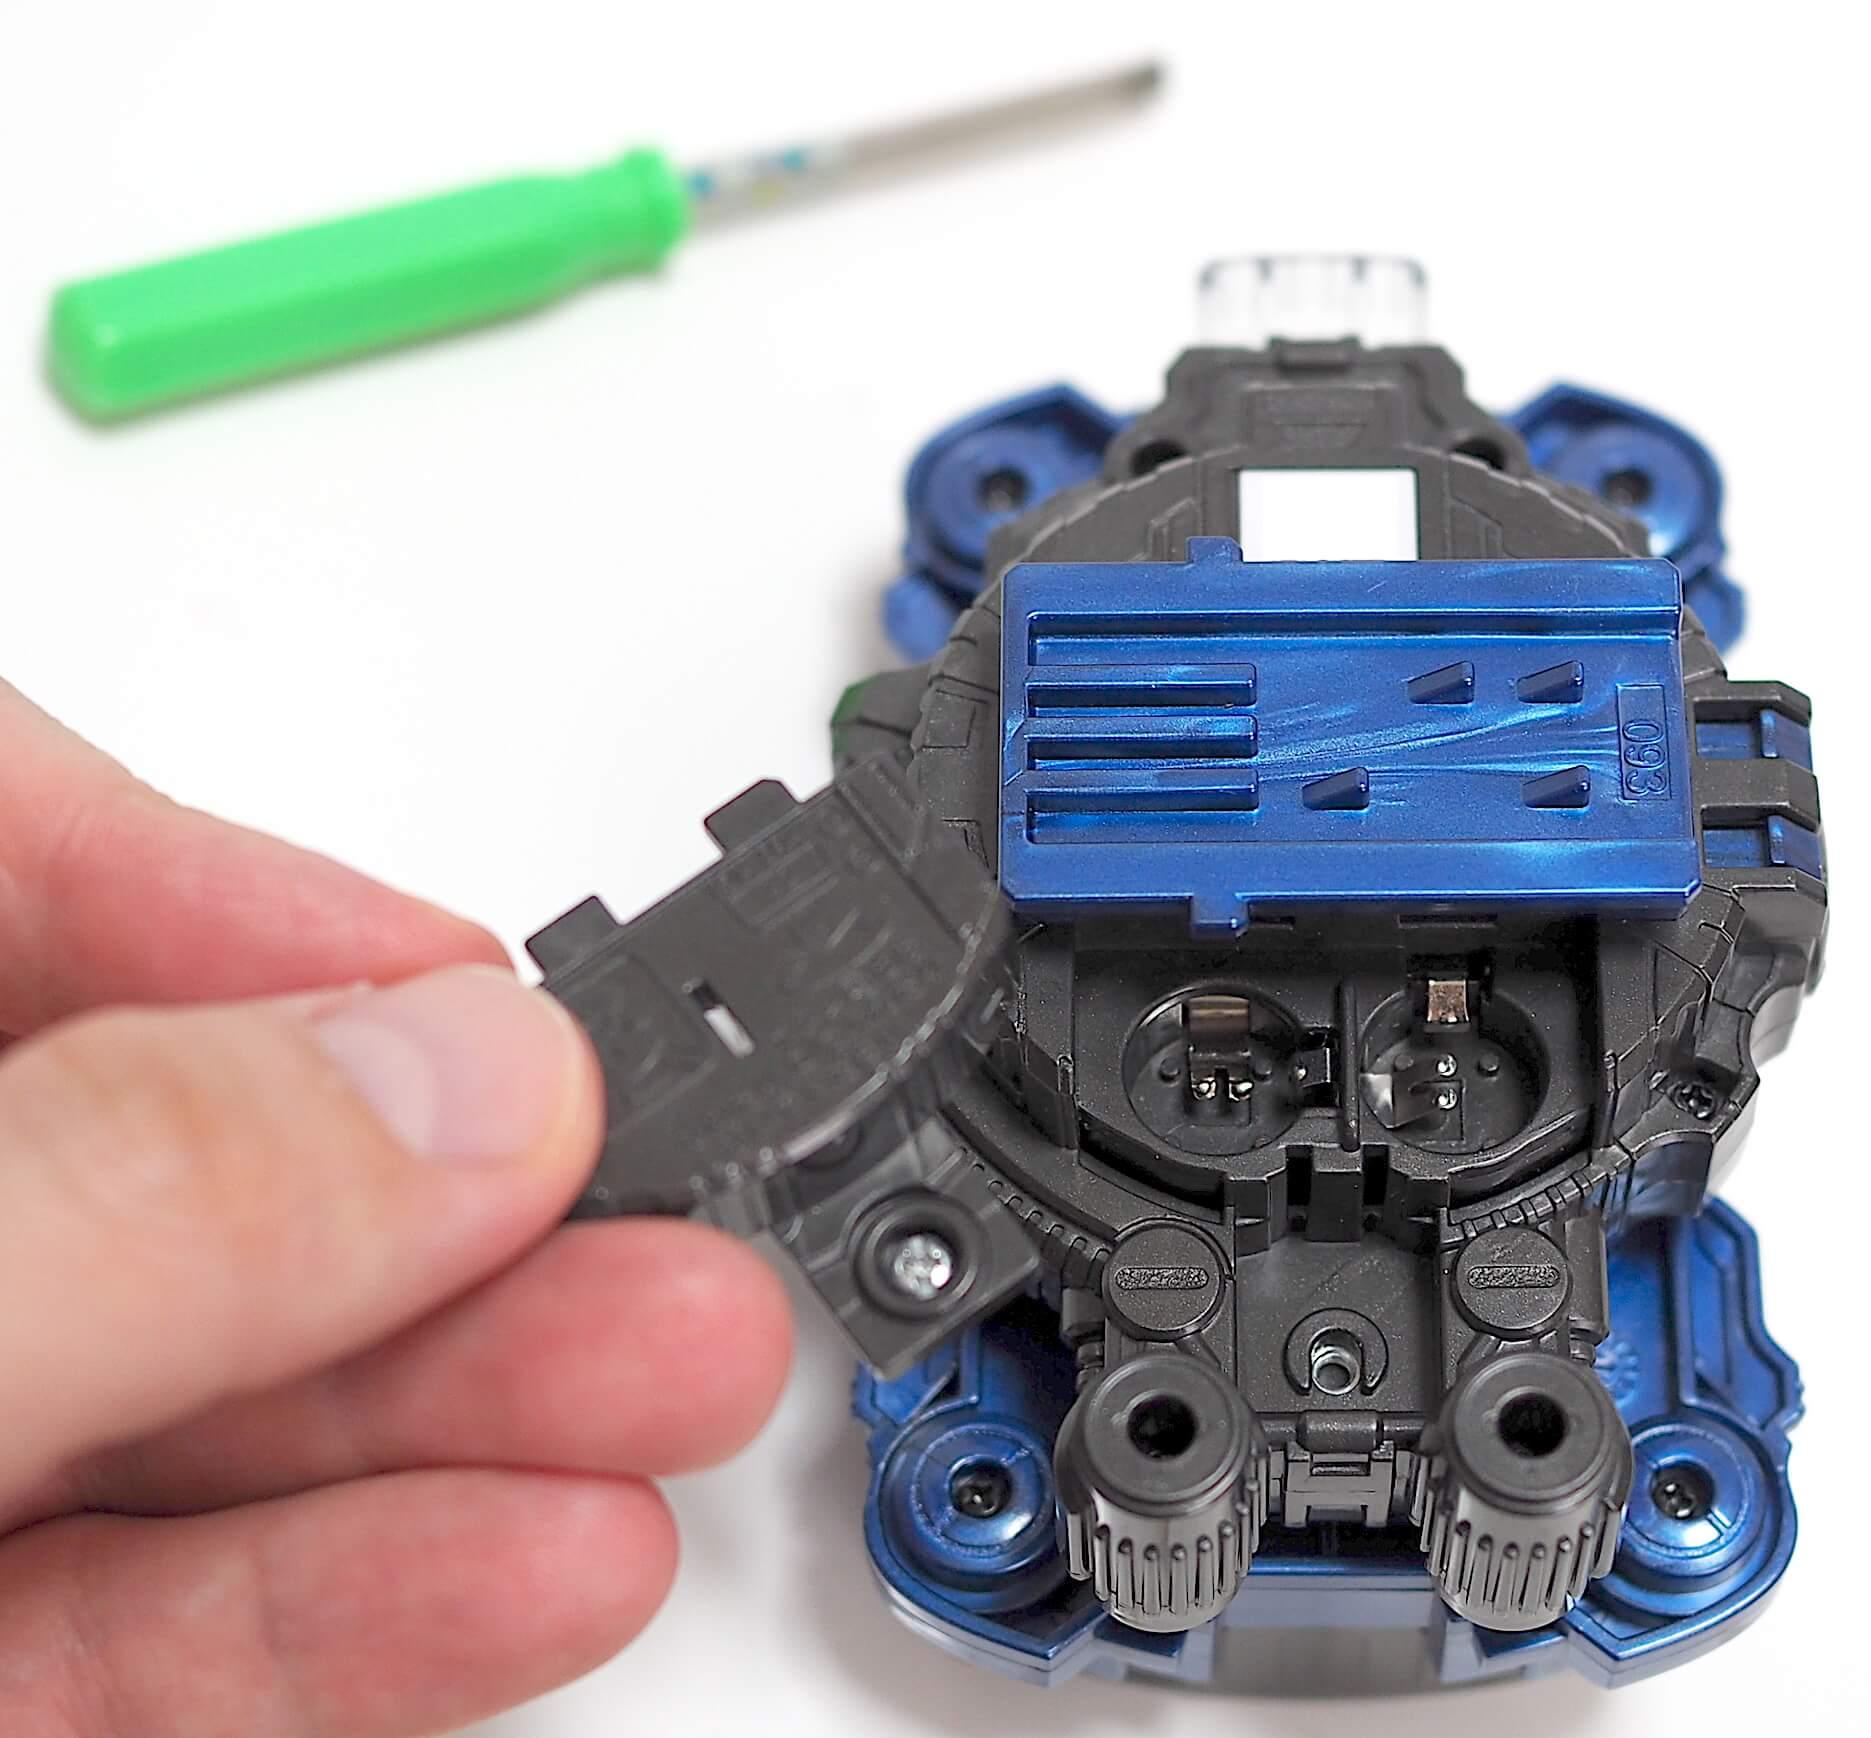 変身ベルト 電池蓋開け方15